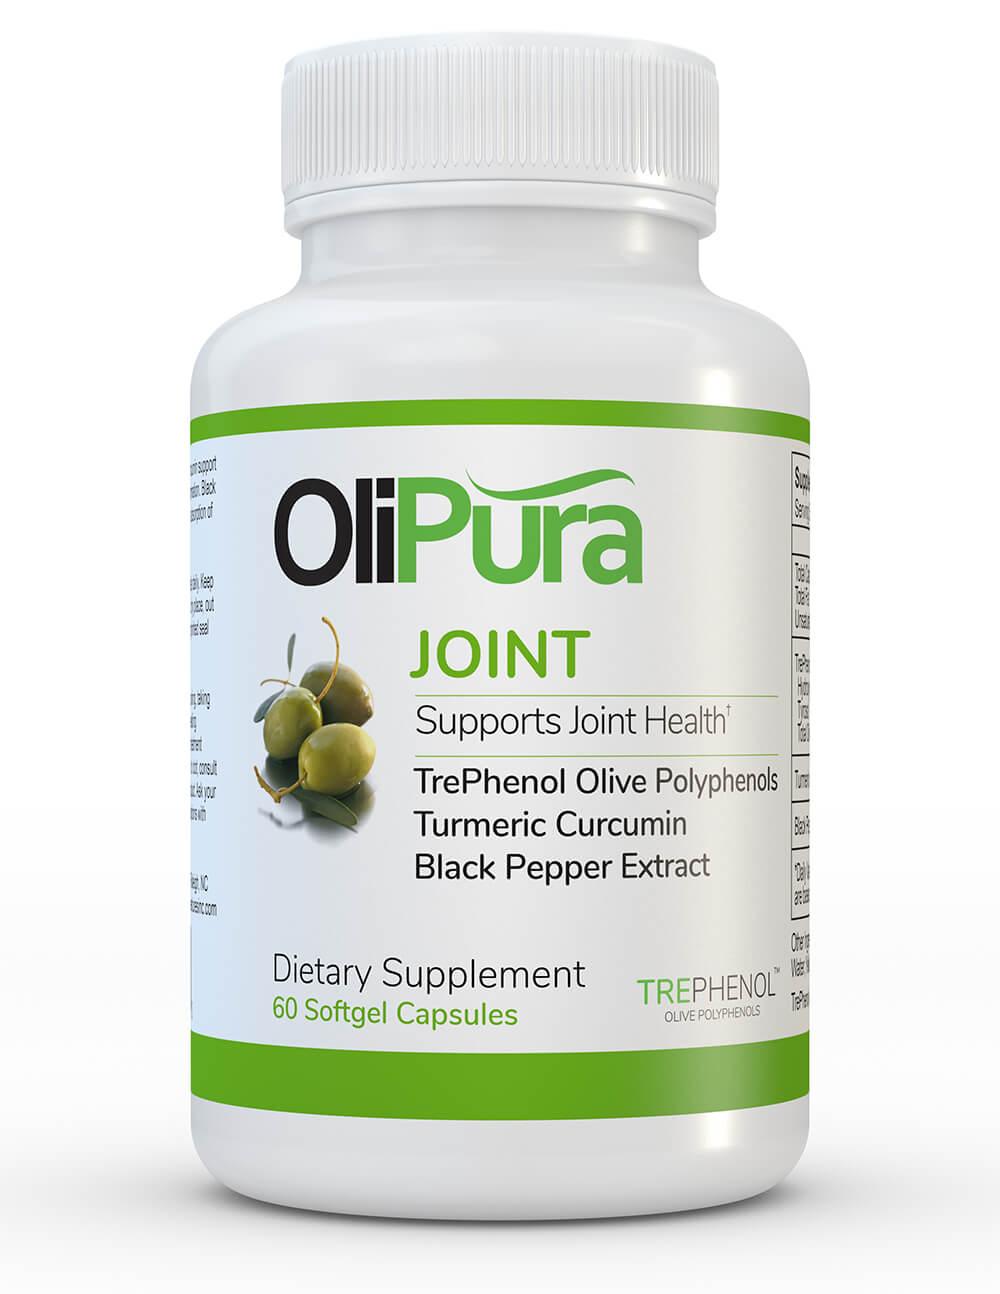 Olipura-Joint_Front